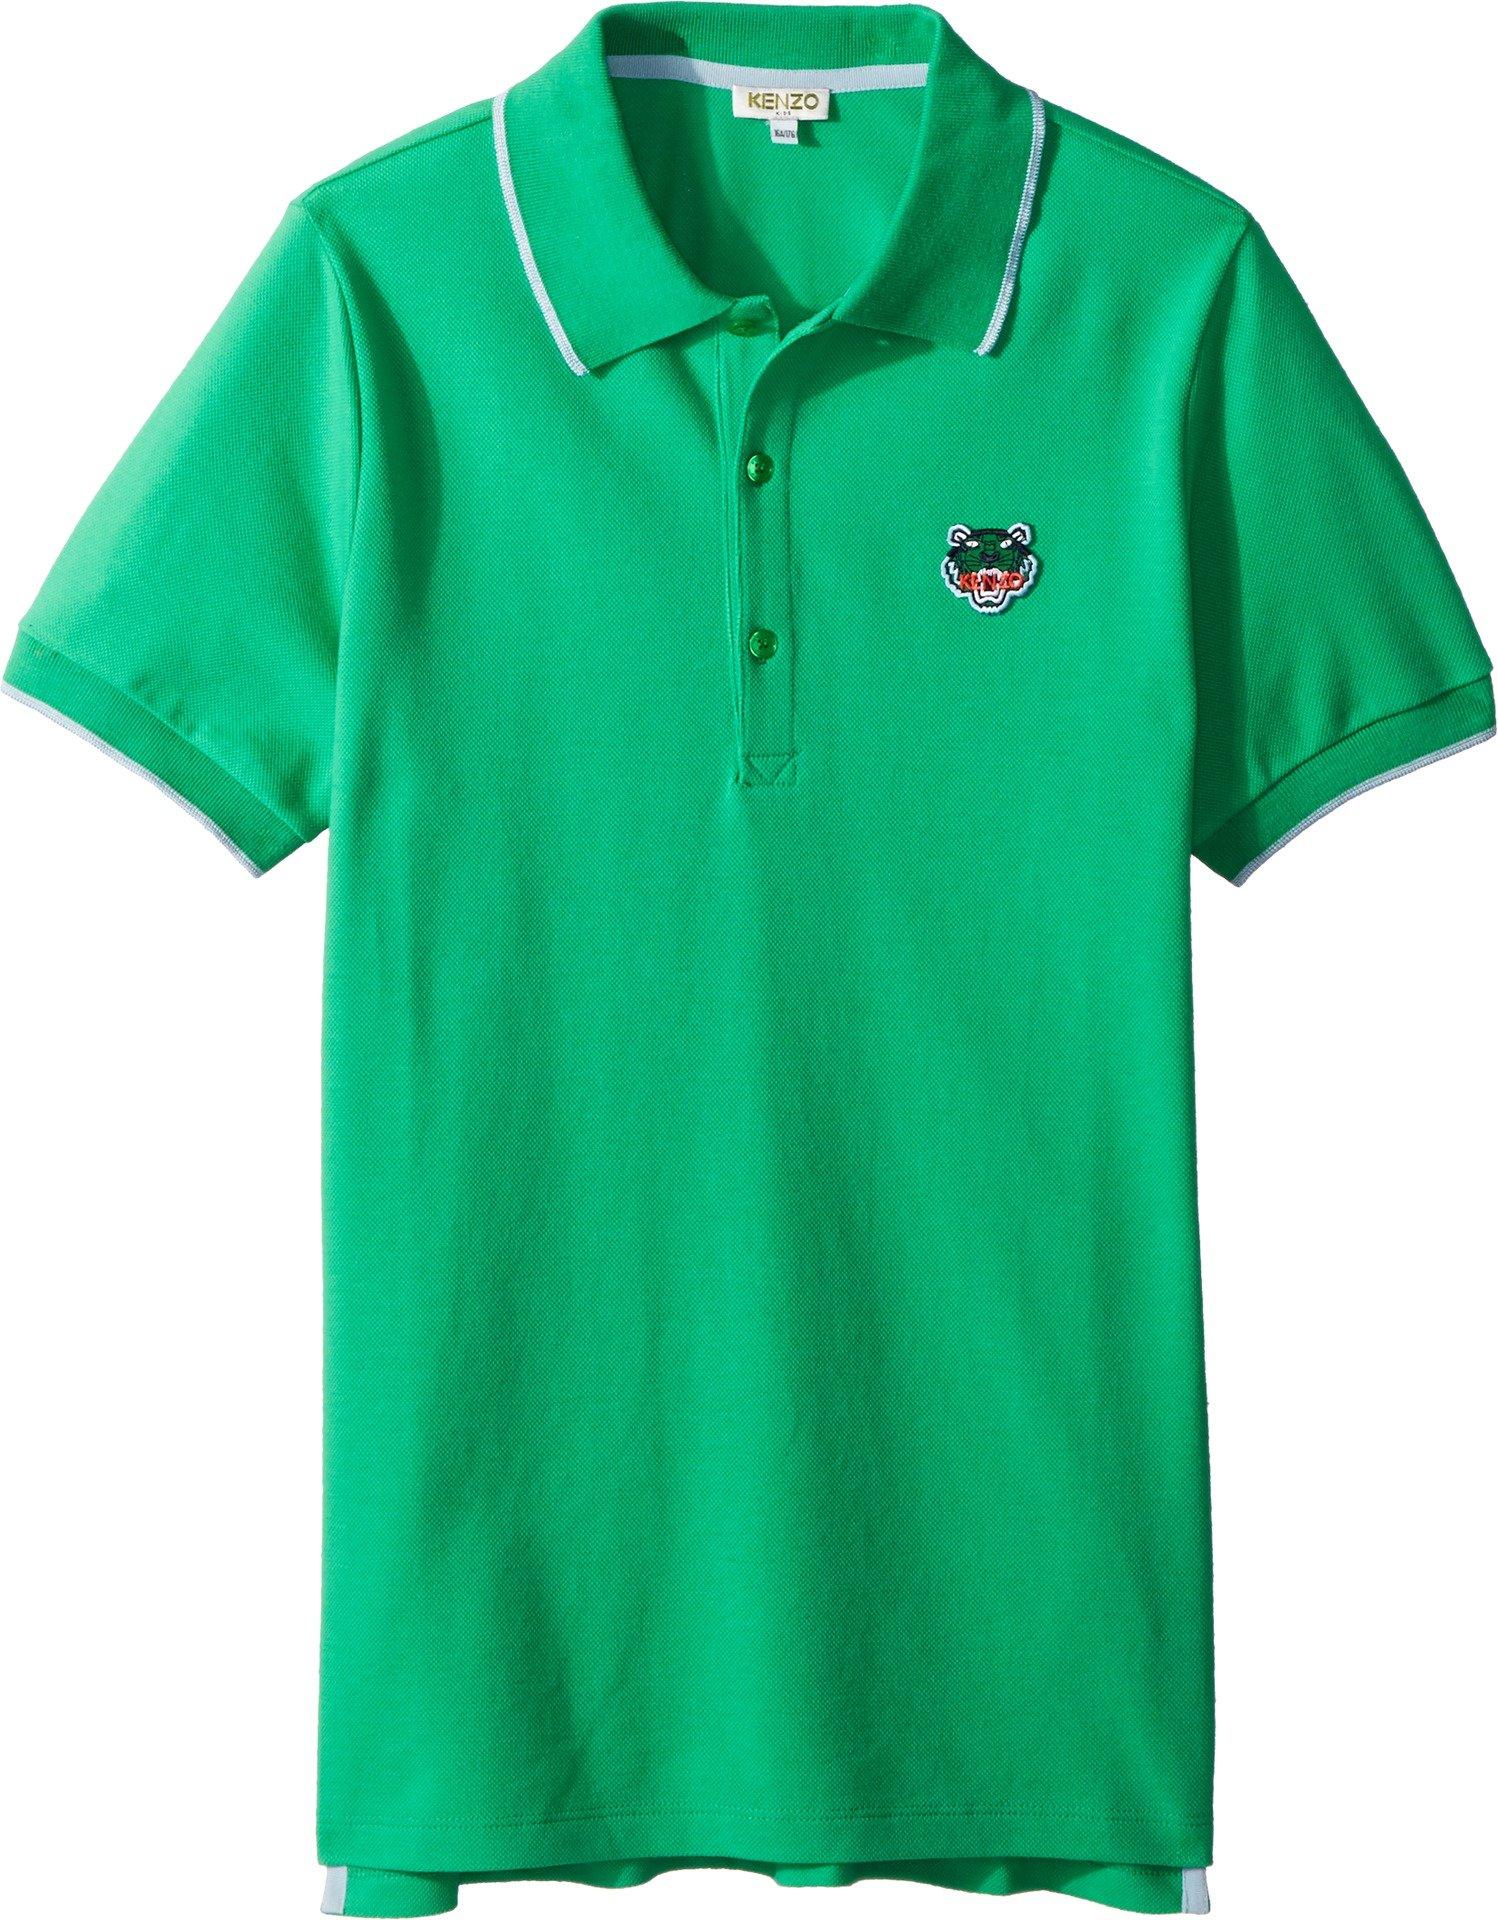 Kenzo Kids Boy's Polo Tiger Logo (Big Kids) Green 16 A